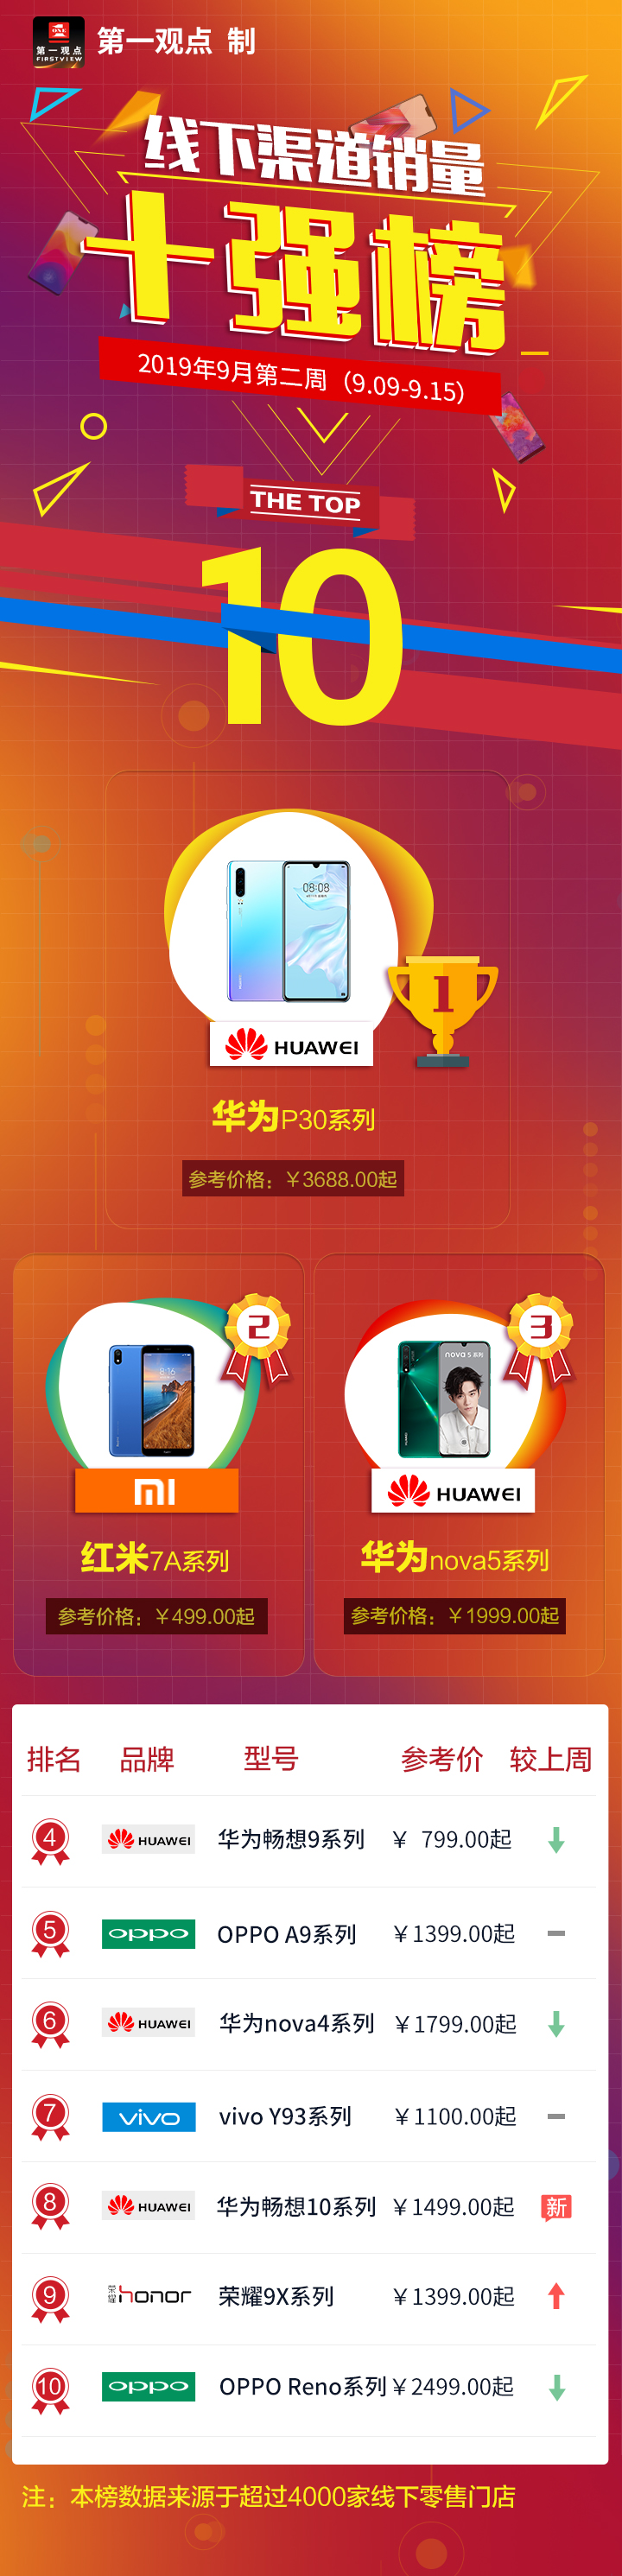 线下手机市场华为荣耀占比下滑10个百分点,小米凭借百元机崛起